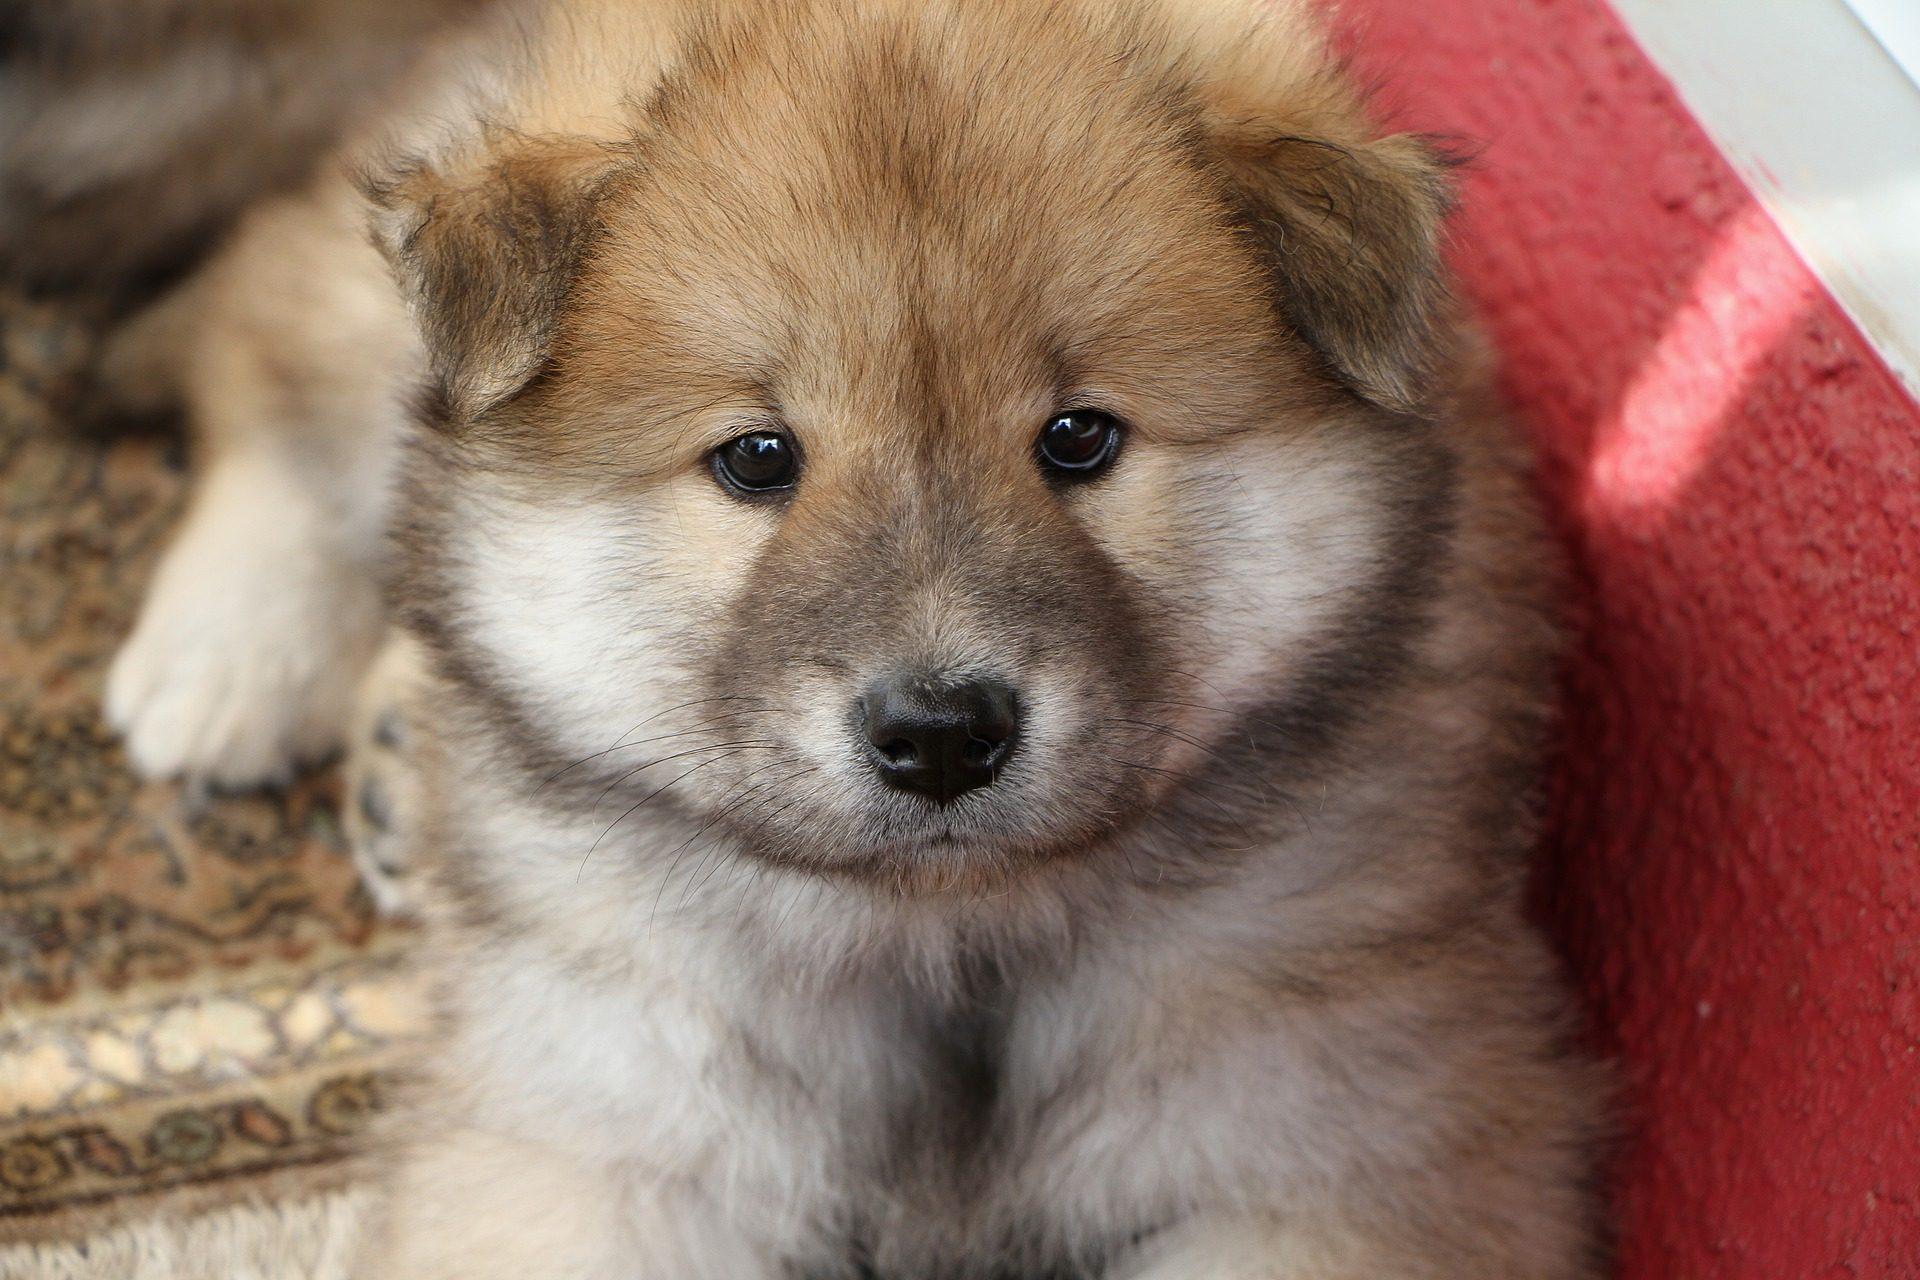 جرو, الكلب, الحيوانات الأليفة, الفراء, نظرة - خلفيات عالية الدقة - أستاذ falken.com